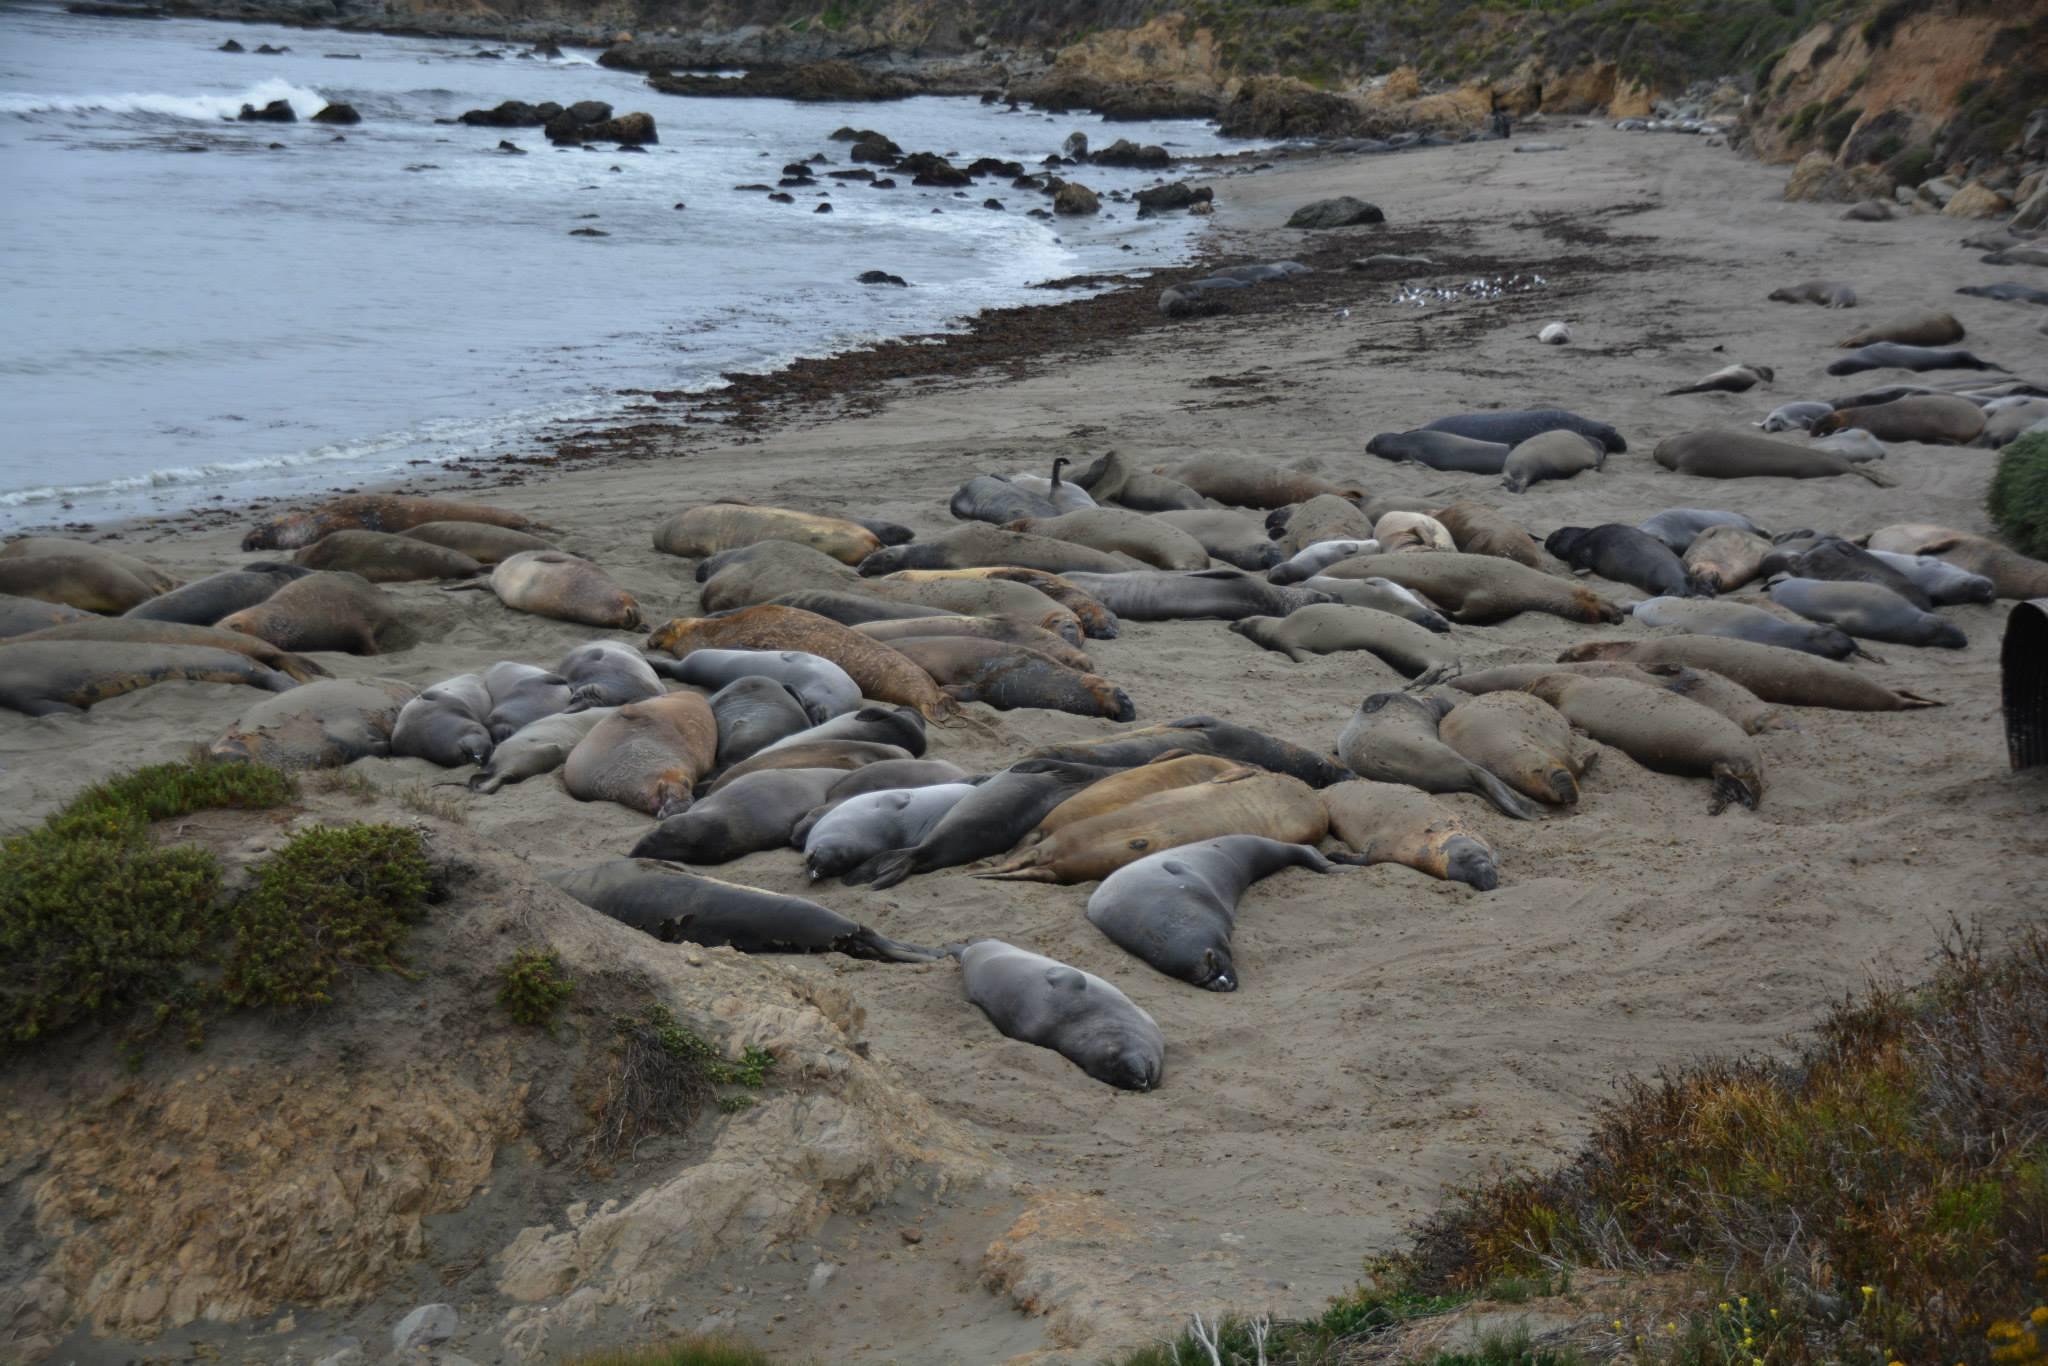 פילי ים בהמוניהם על החוף